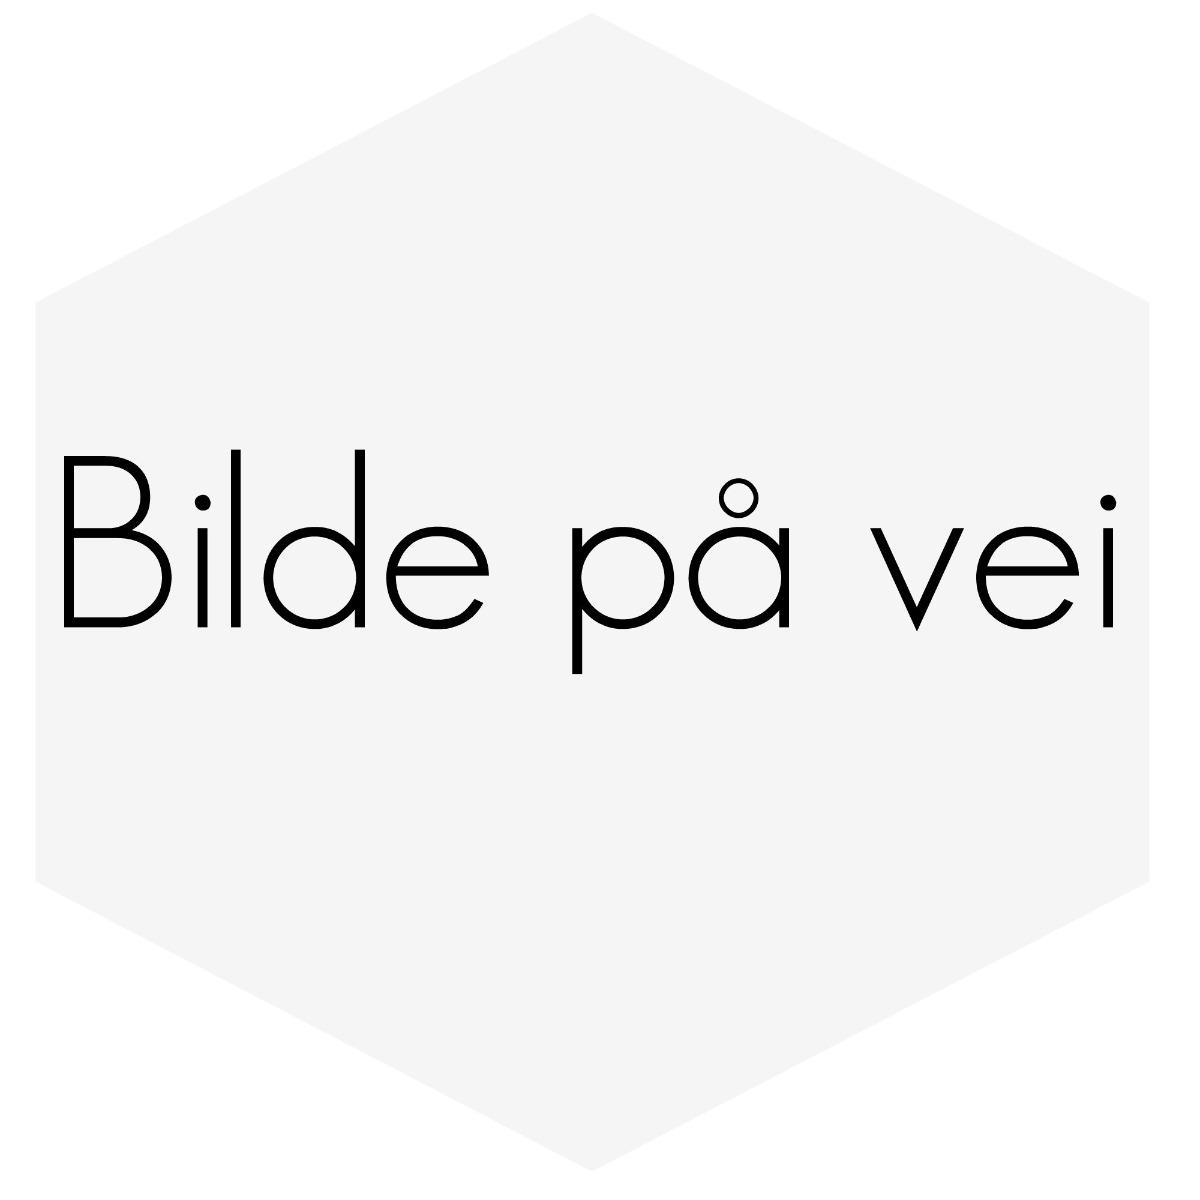 FORSKJERM VOLVO 400-89> VENSTRE SIDE 3343278